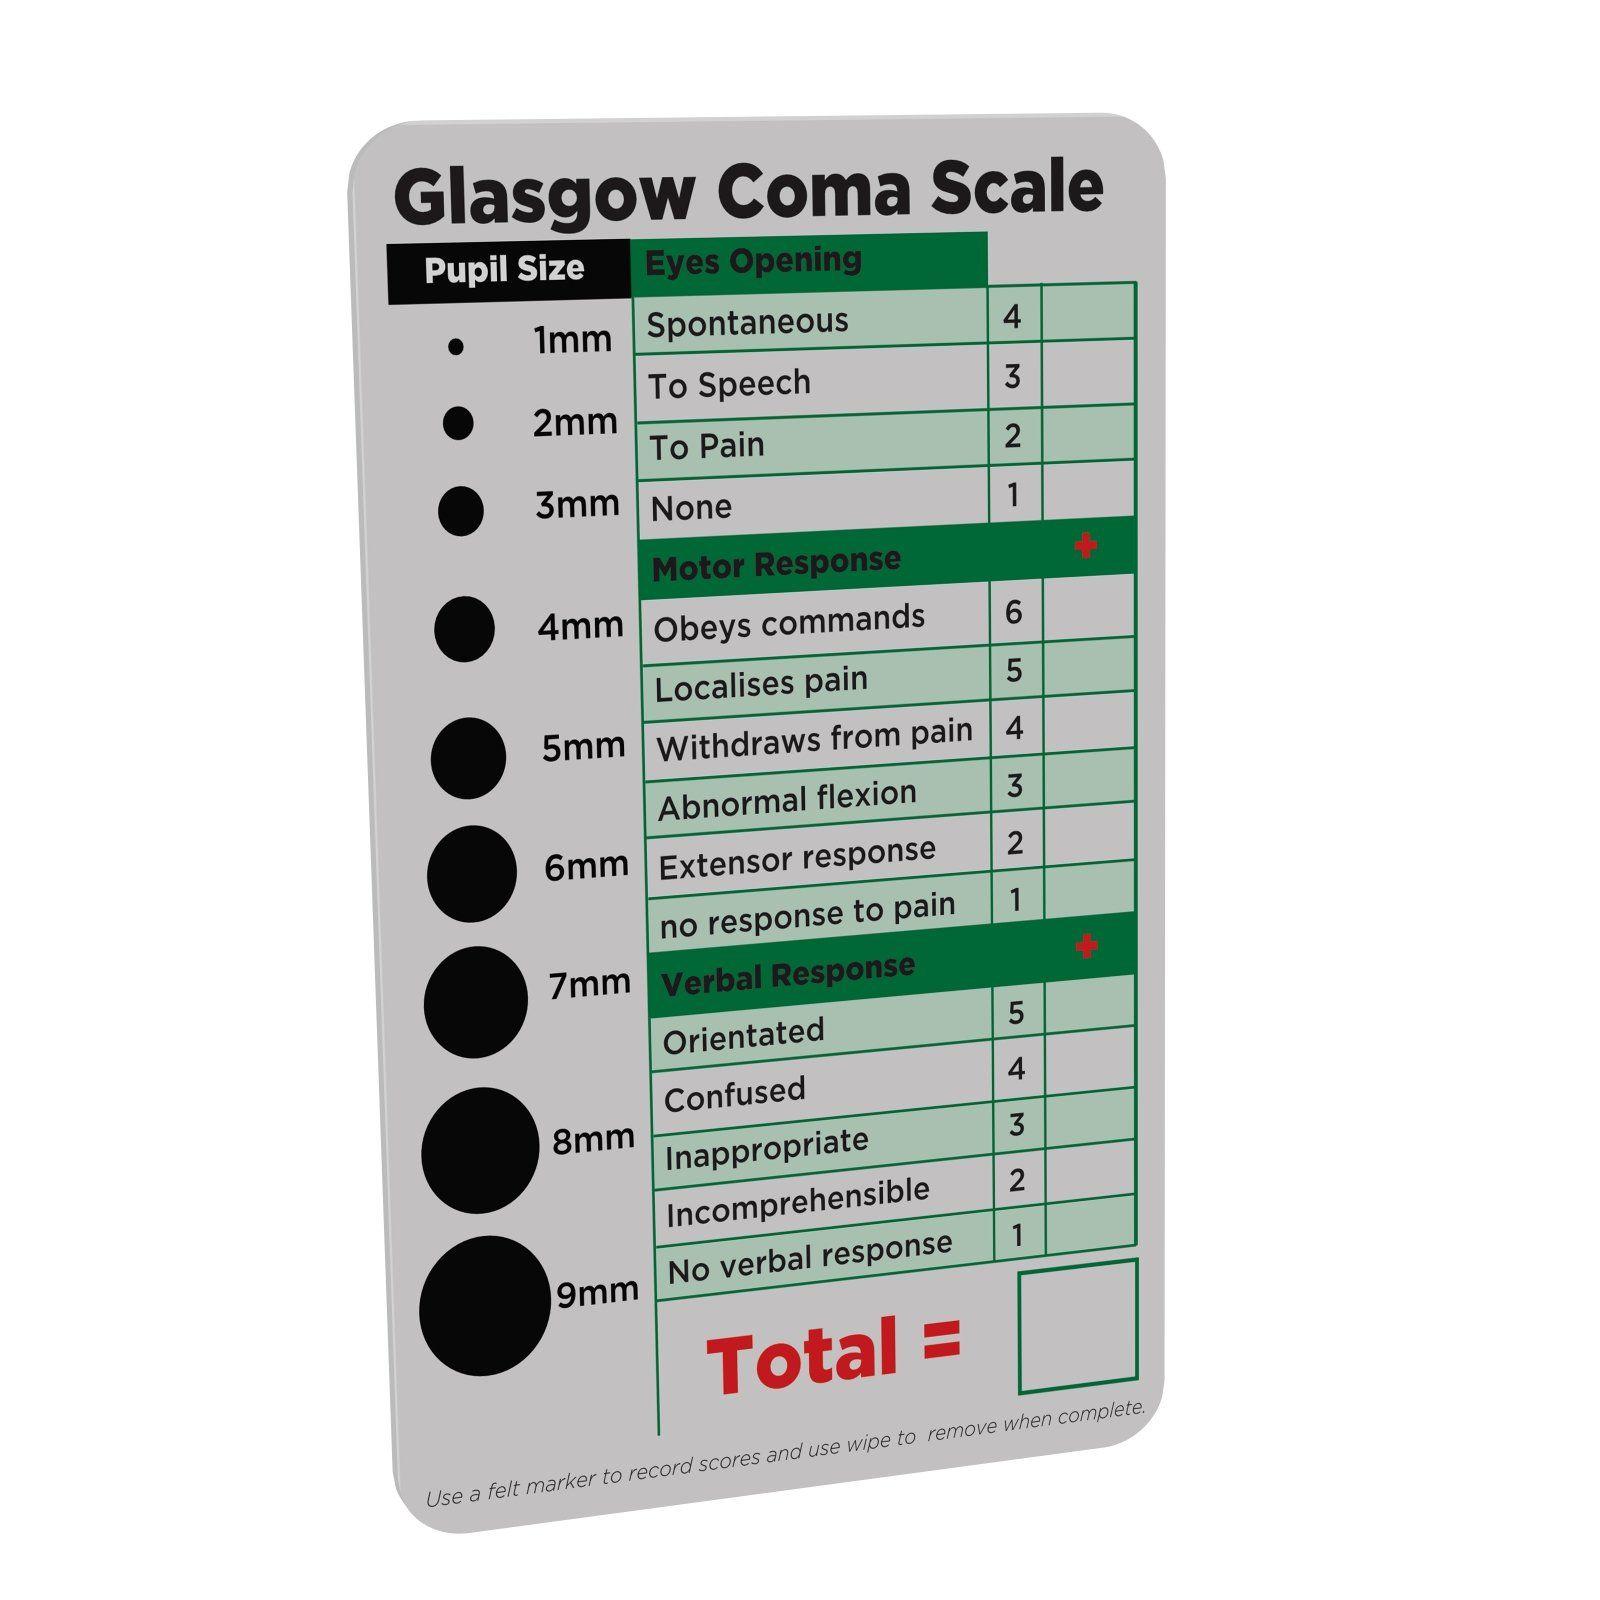 Coma Glasgow Scale